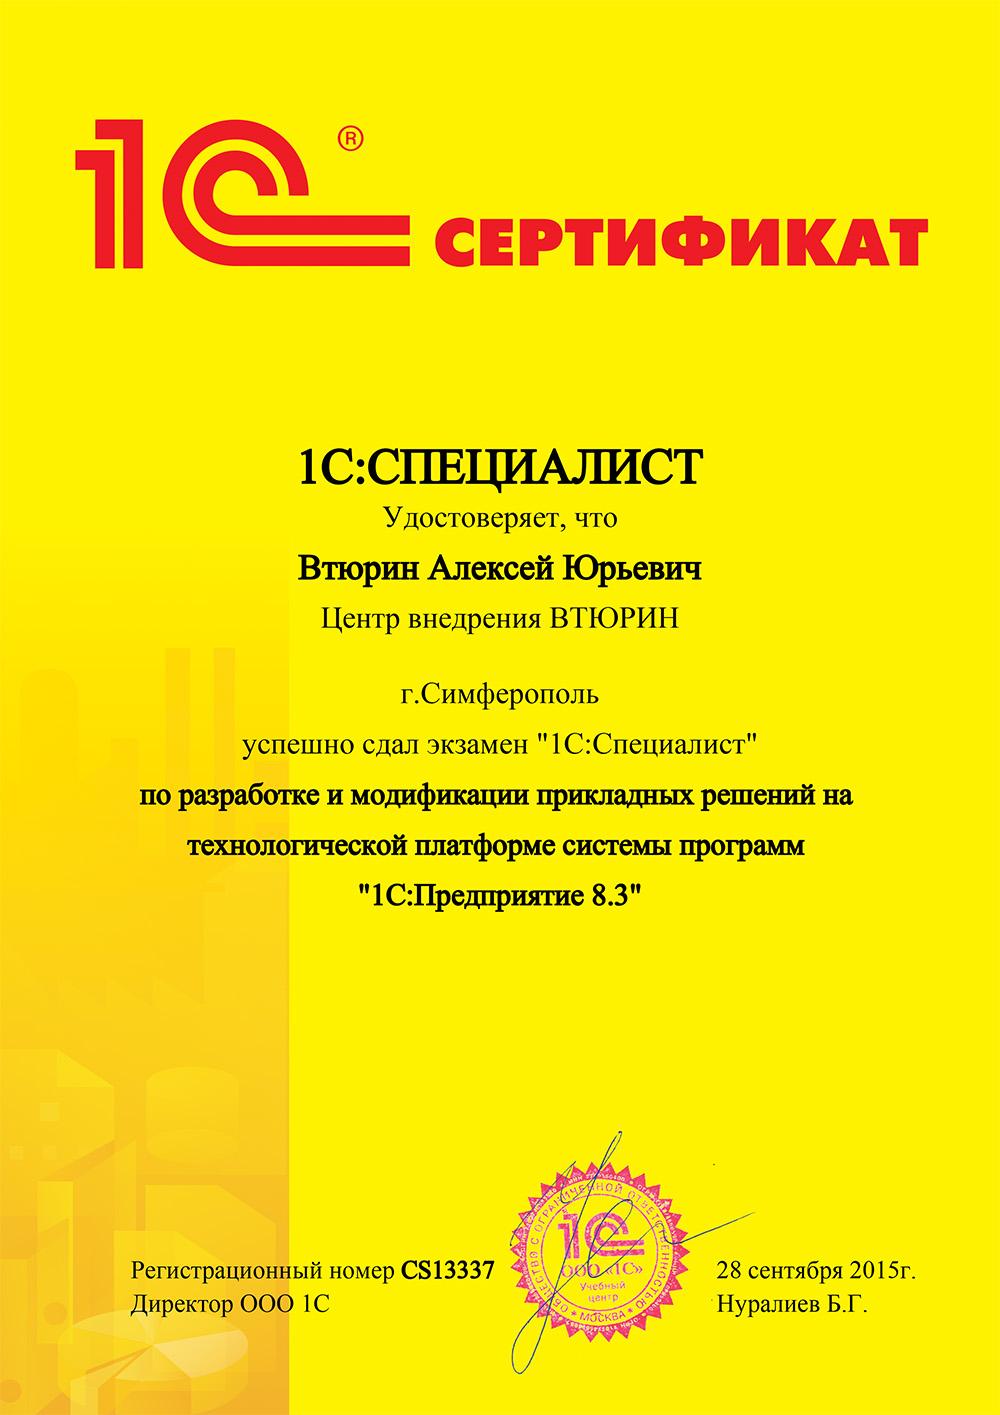 Сертификат 1С:Специалист Втюрина Алексея